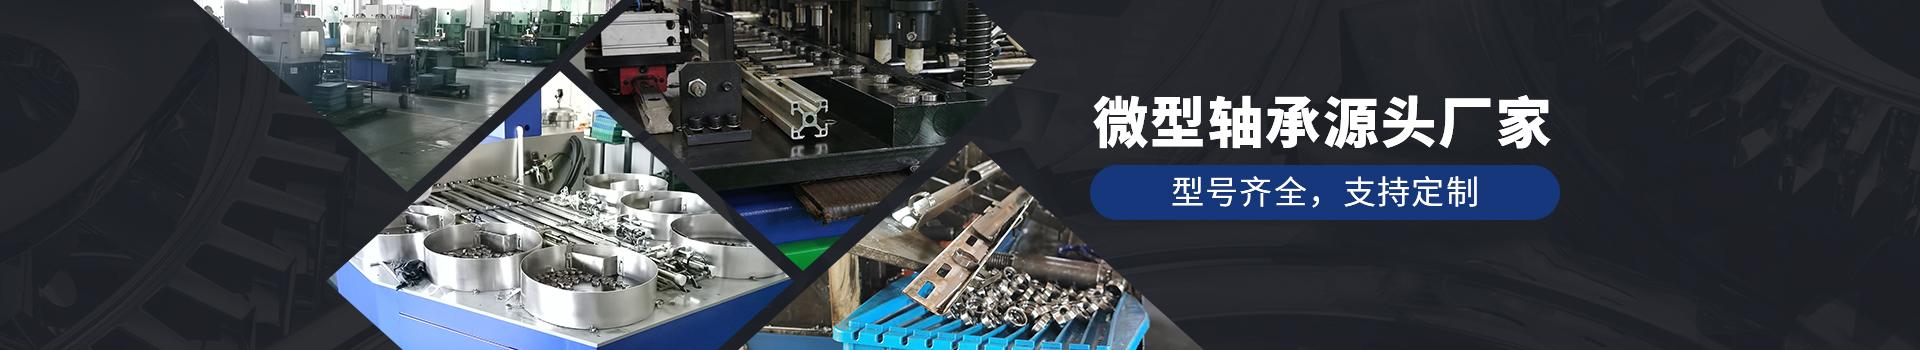 嘉时轴承-微型轴承源头厂家